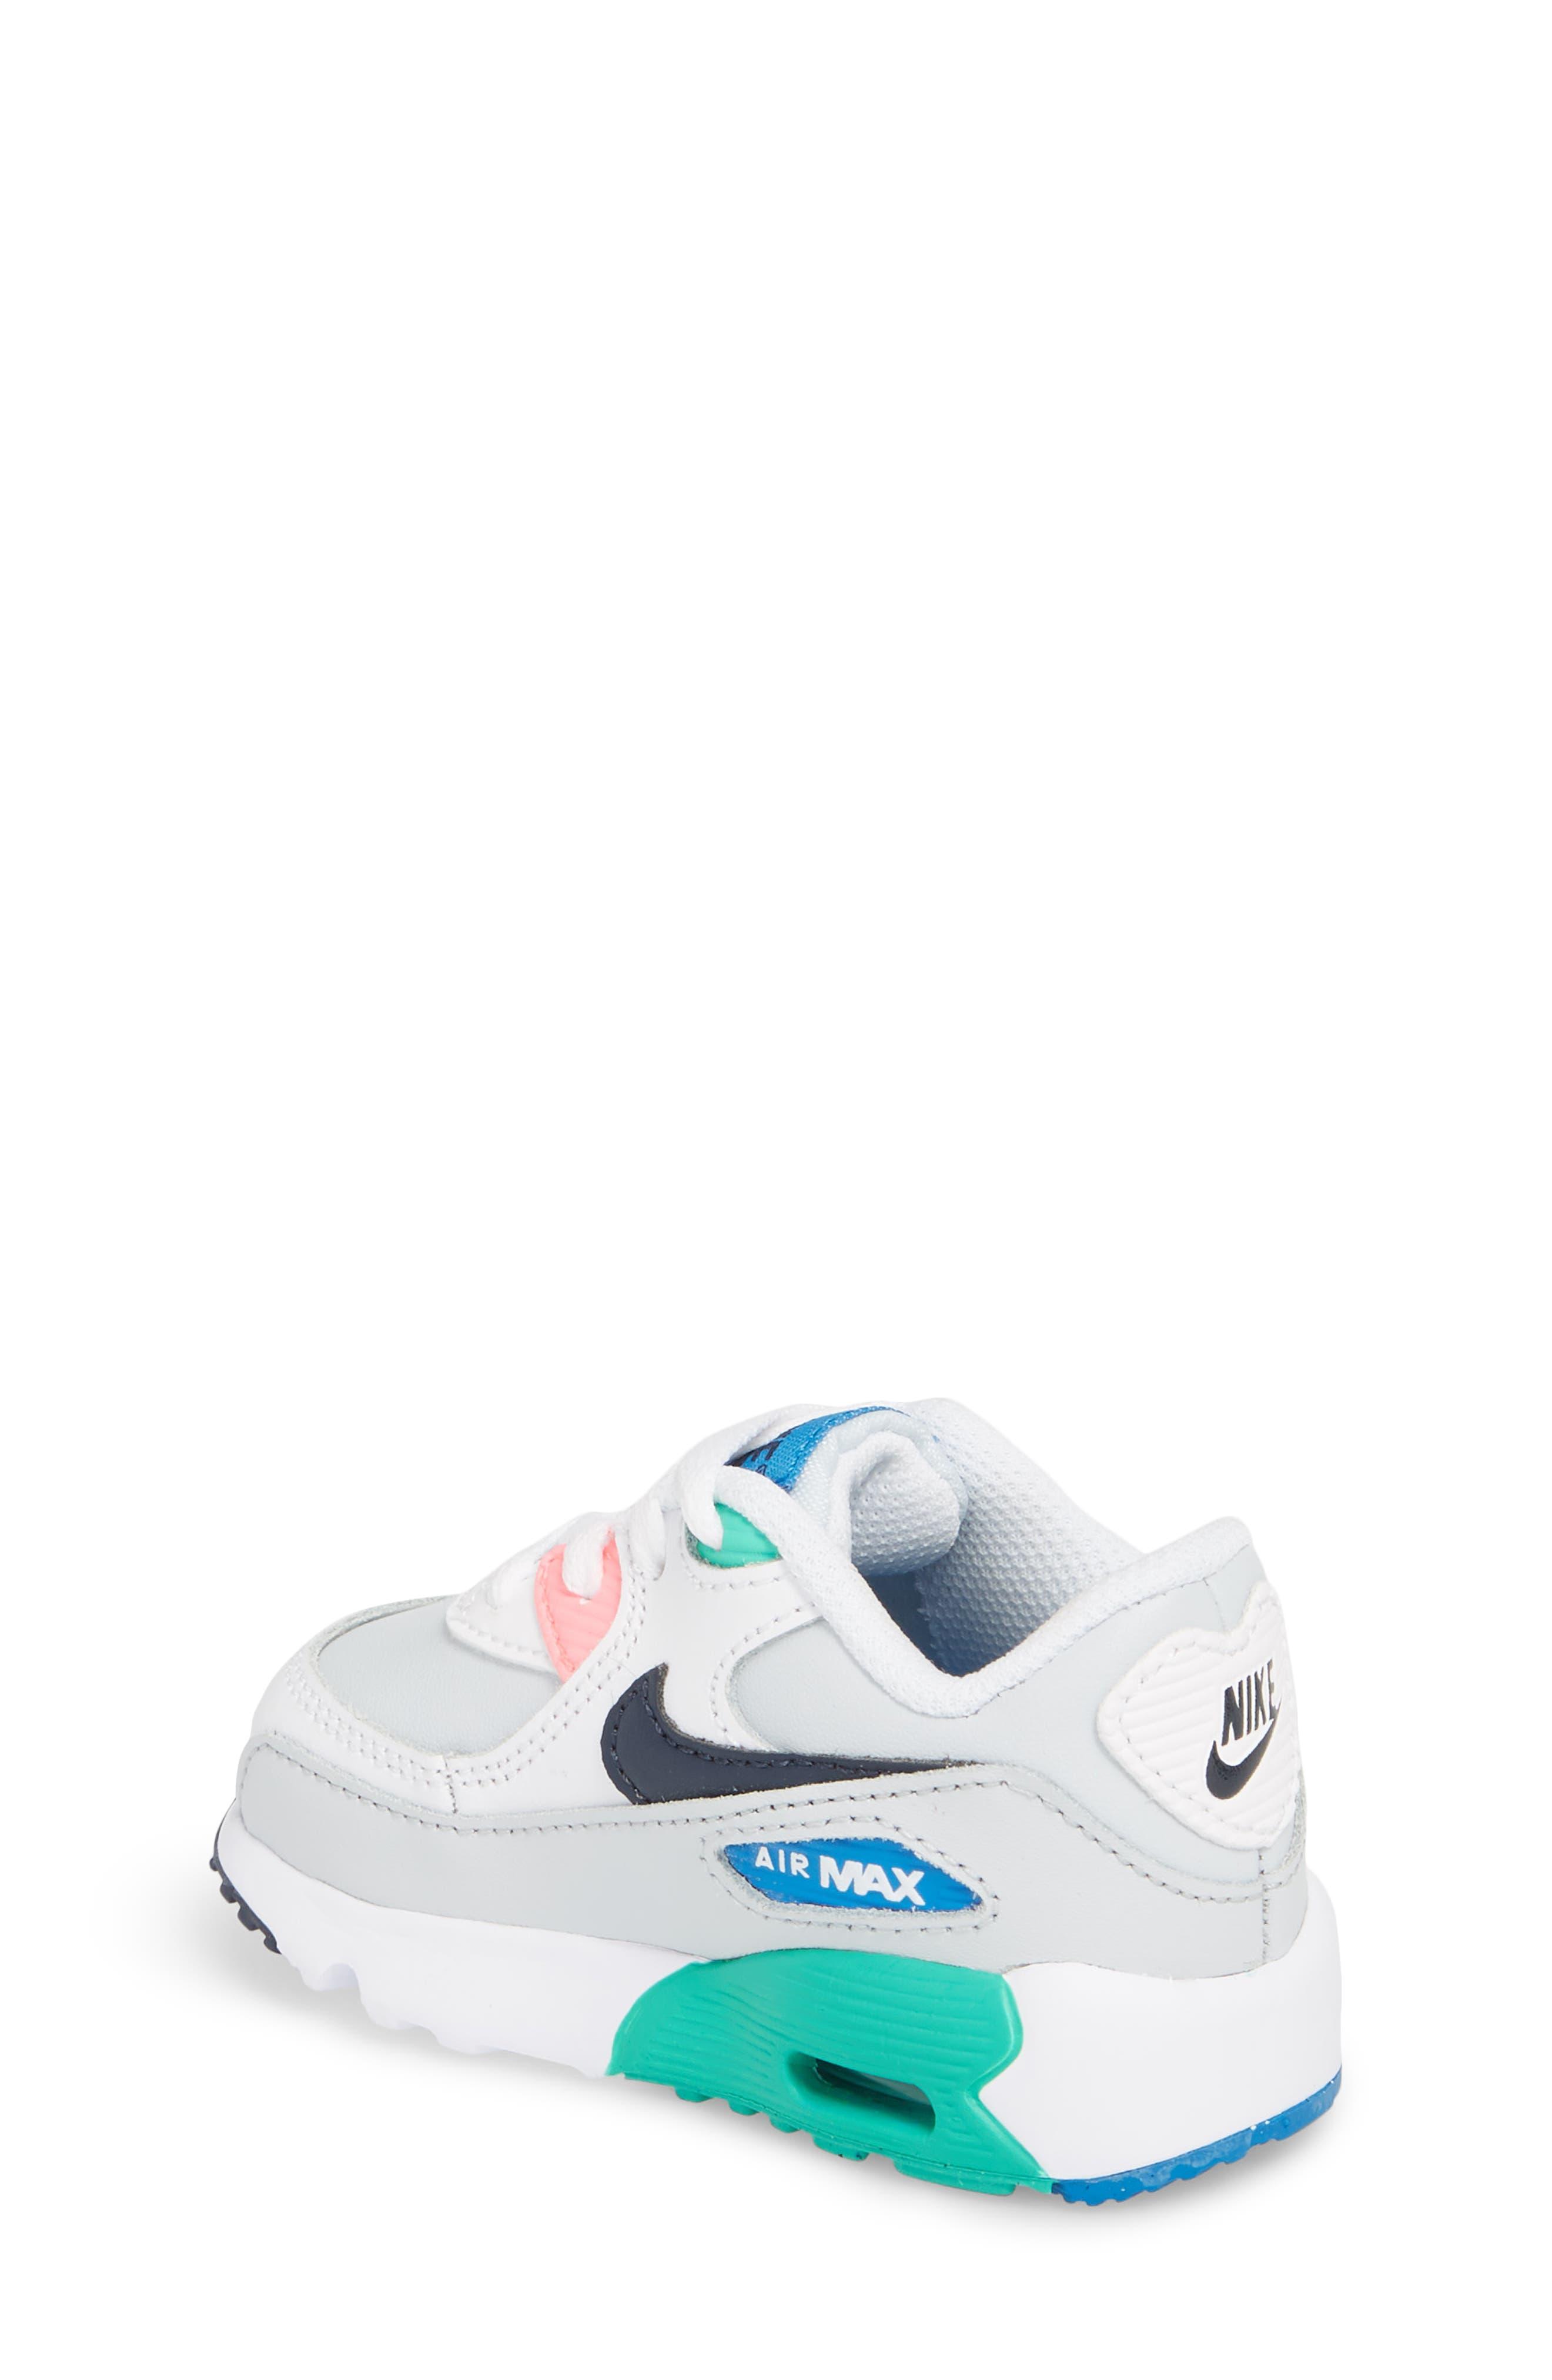 Air Max 90 Sneaker,                             Alternate thumbnail 4, color,